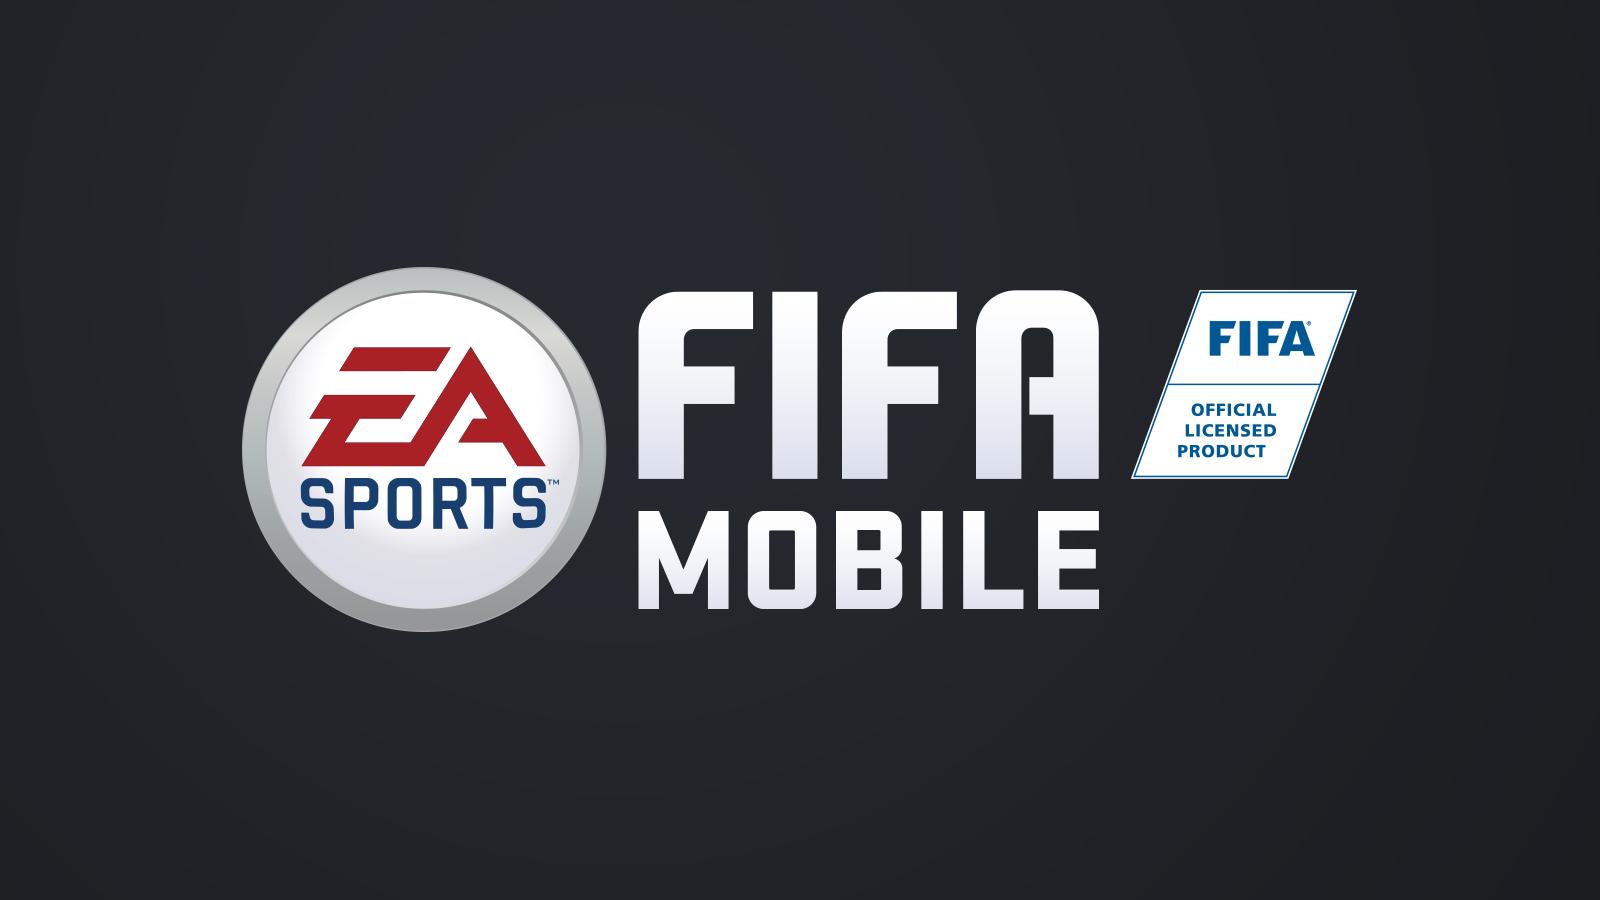 portfolio_thumbnails_FIFAmobile